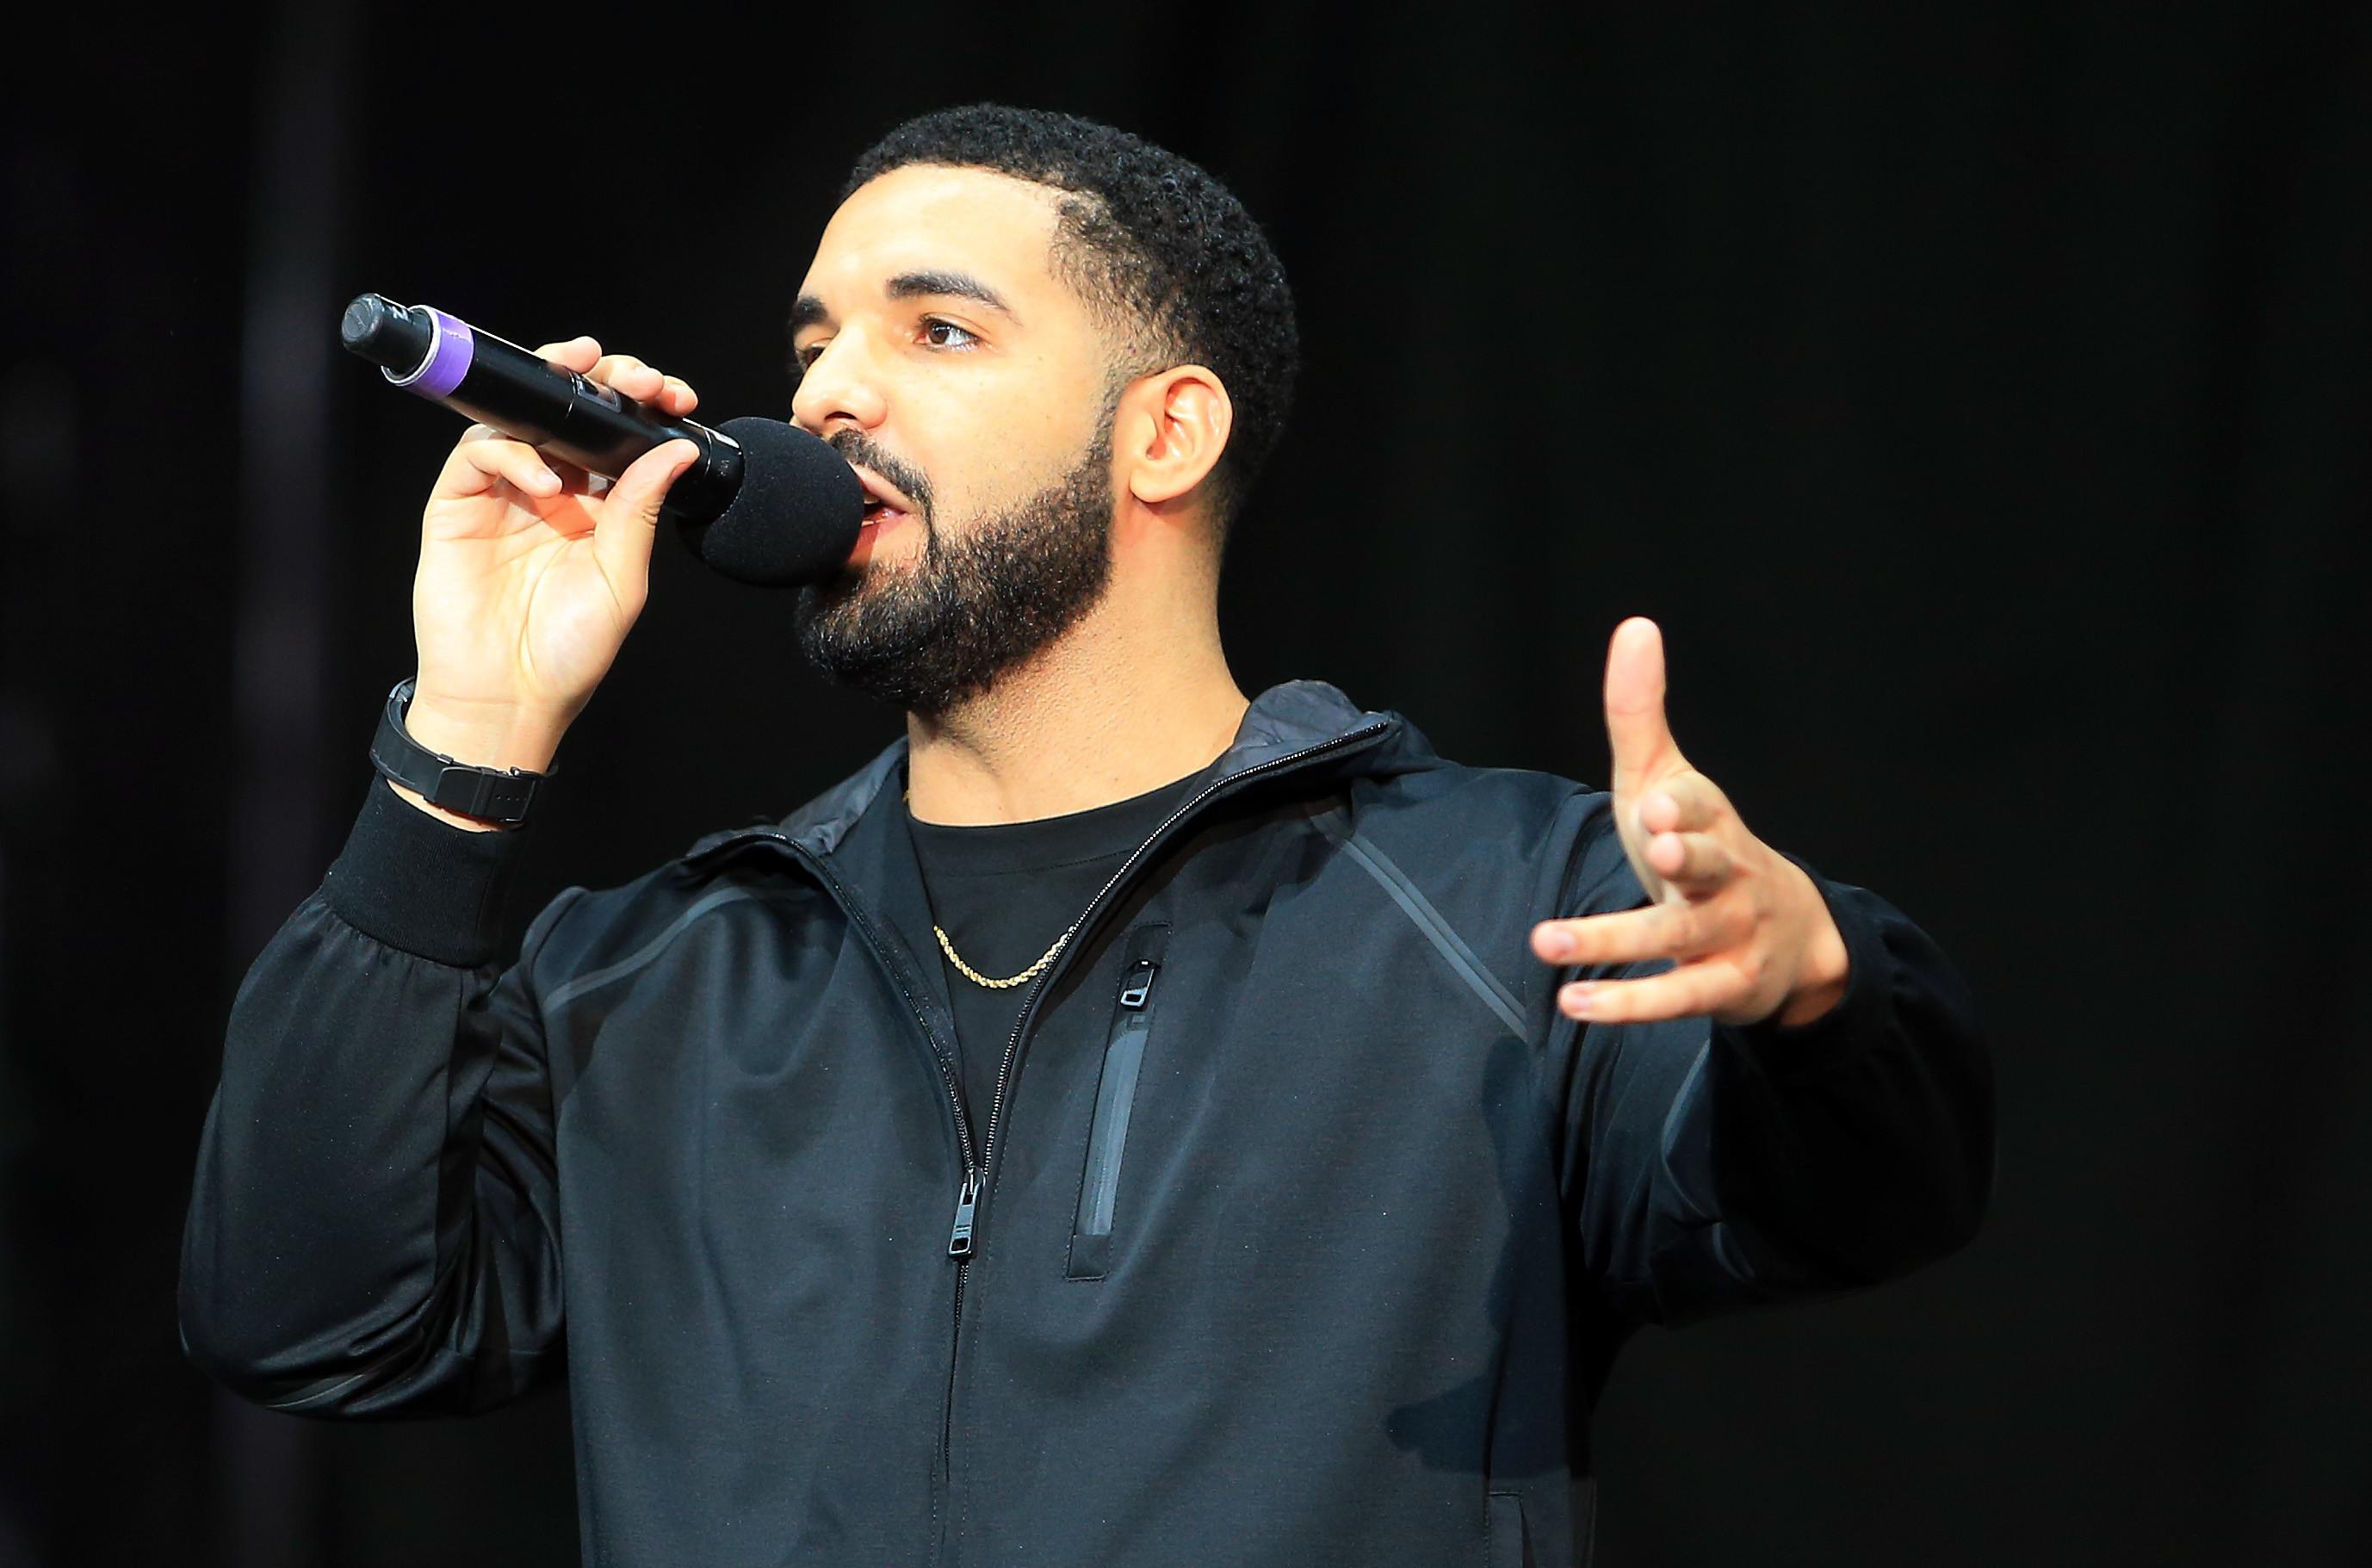 Drake manifesta-se no Instagram após ser impedido de jogar em casino